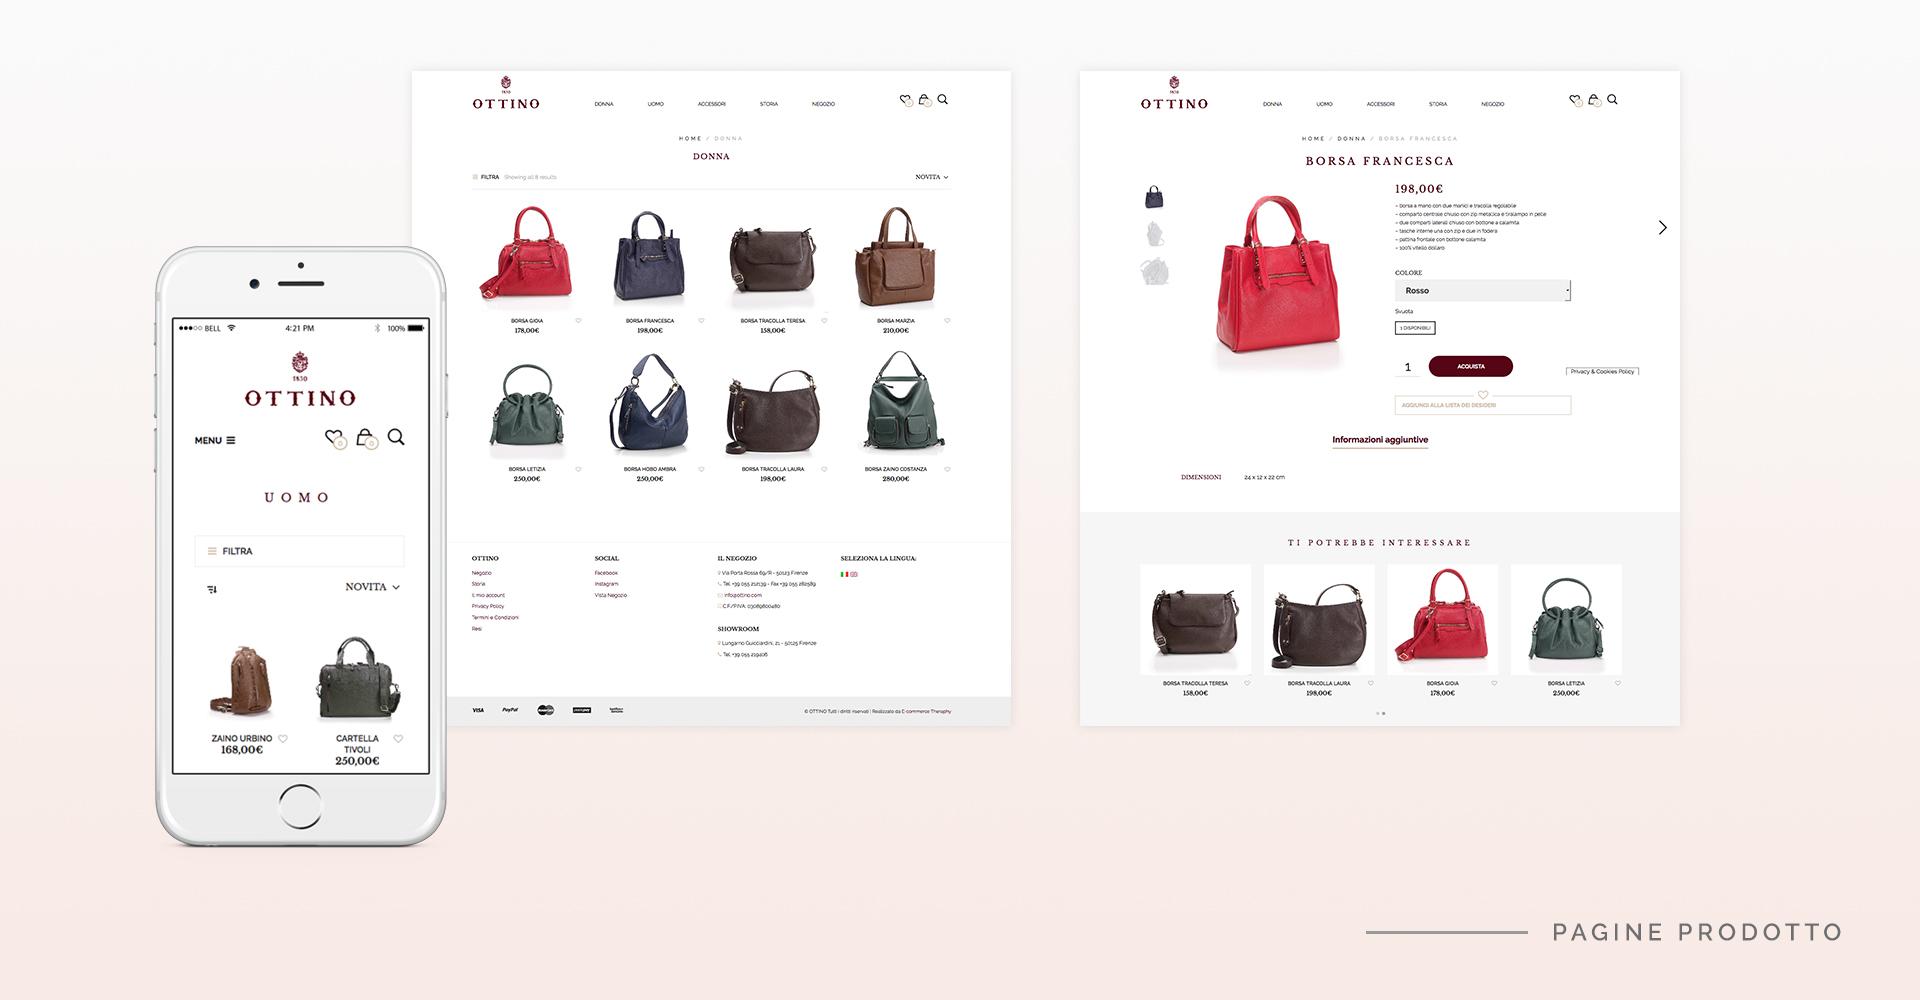 pagina prodotto ottino by e-commerce therapy